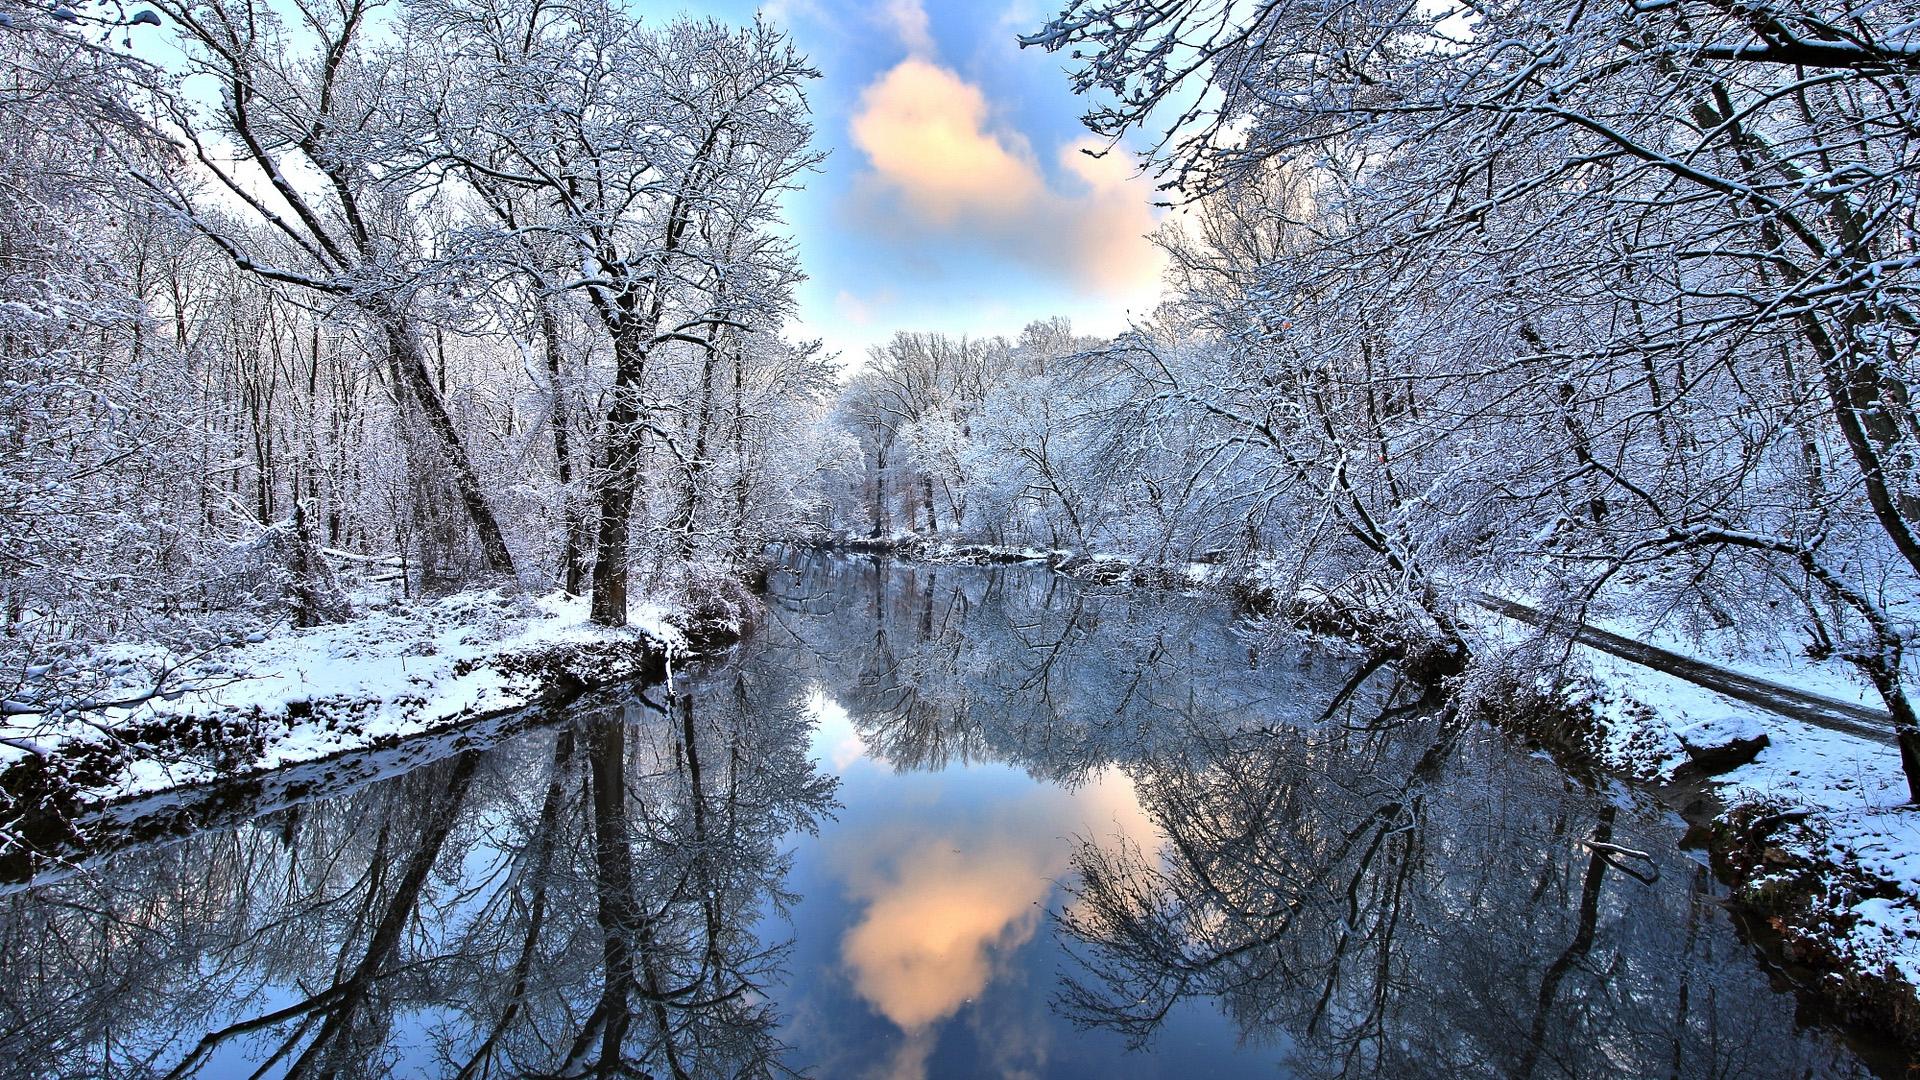 Речка зима снег иней лес деревья загрузить